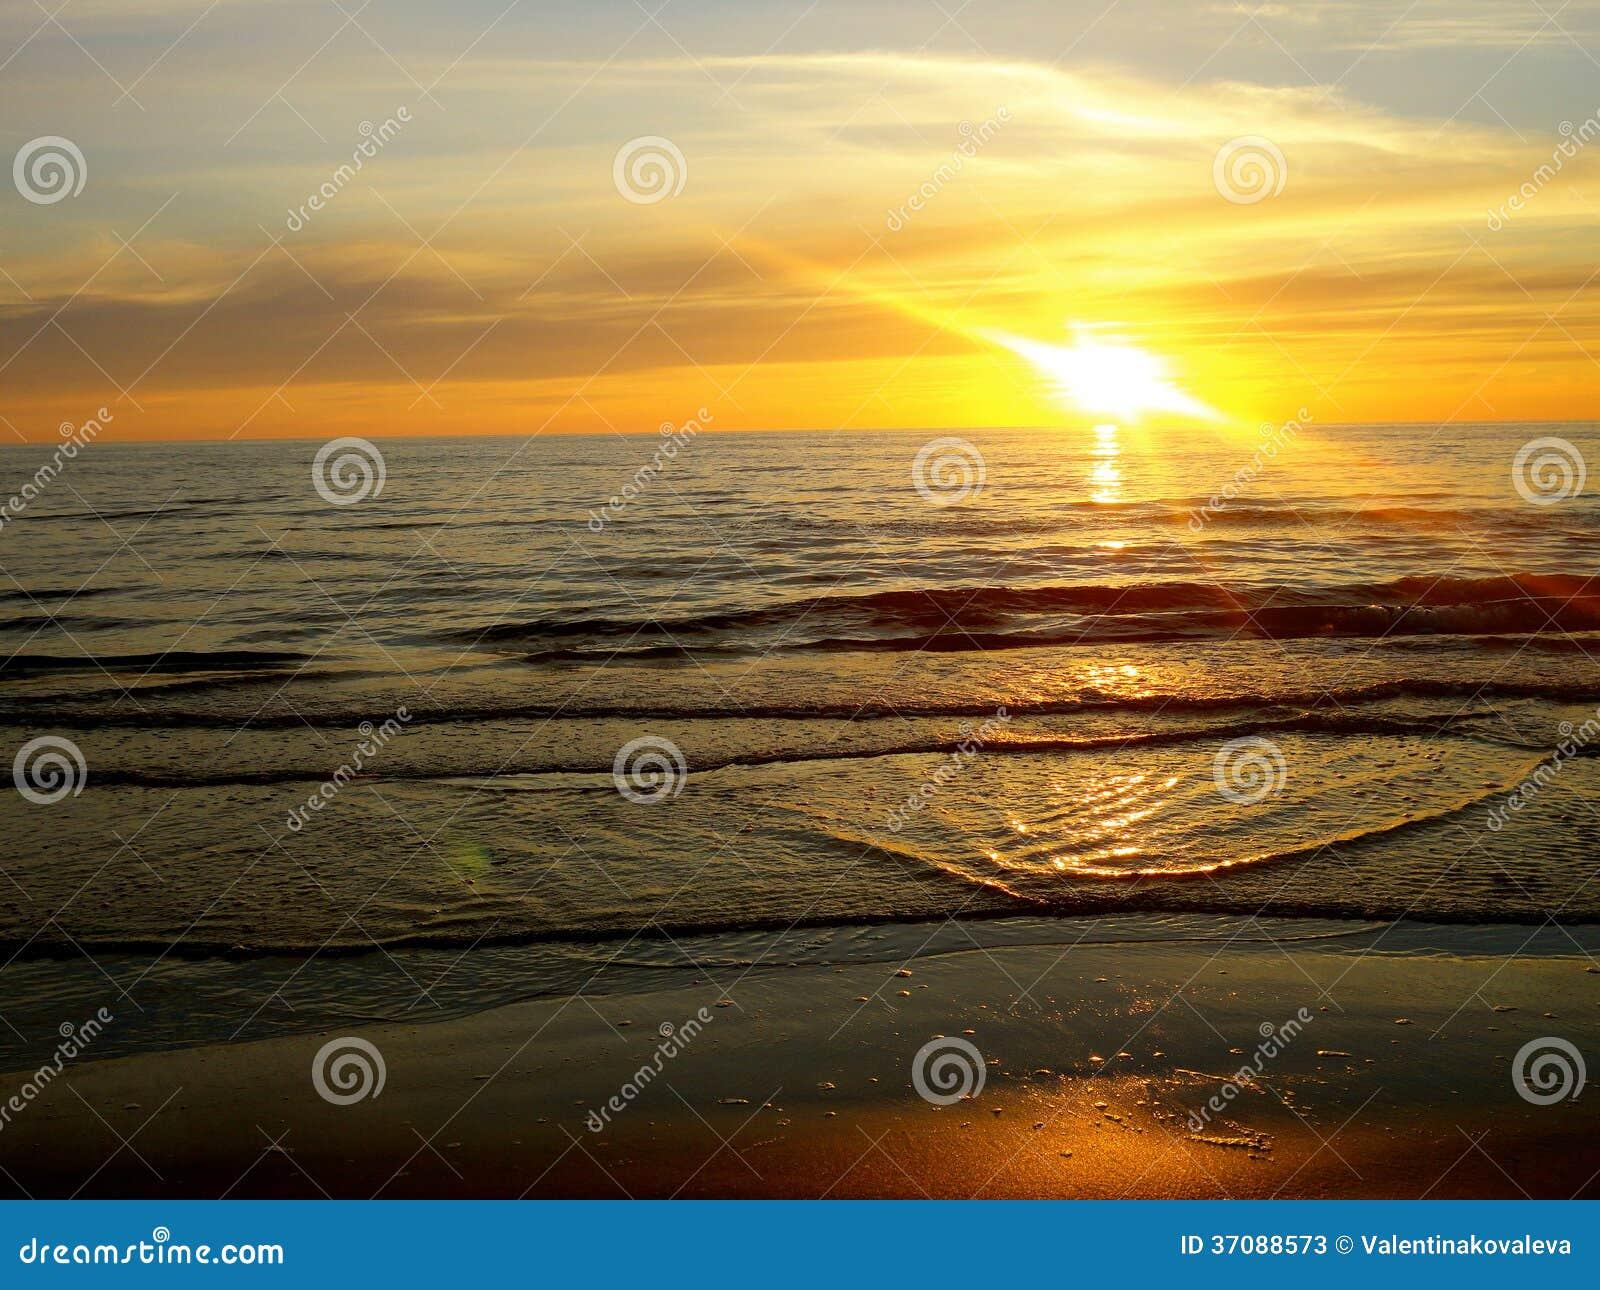 Download Morze przy zmierzchem obraz stock. Obraz złożonej z spokój - 37088573